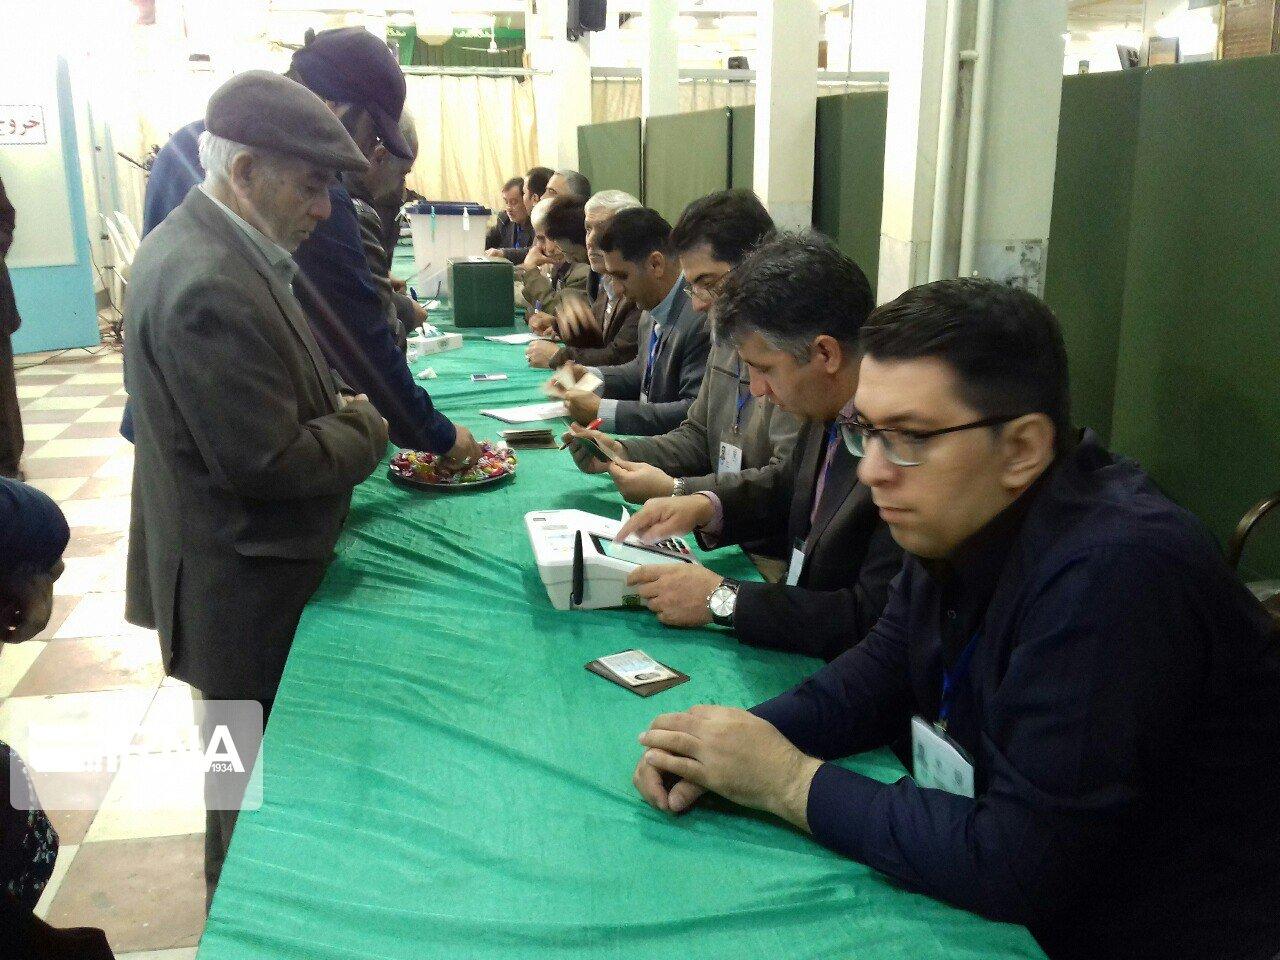 ۲۵۰ هزار تعرفه رأی در سبزوار توزیع شد